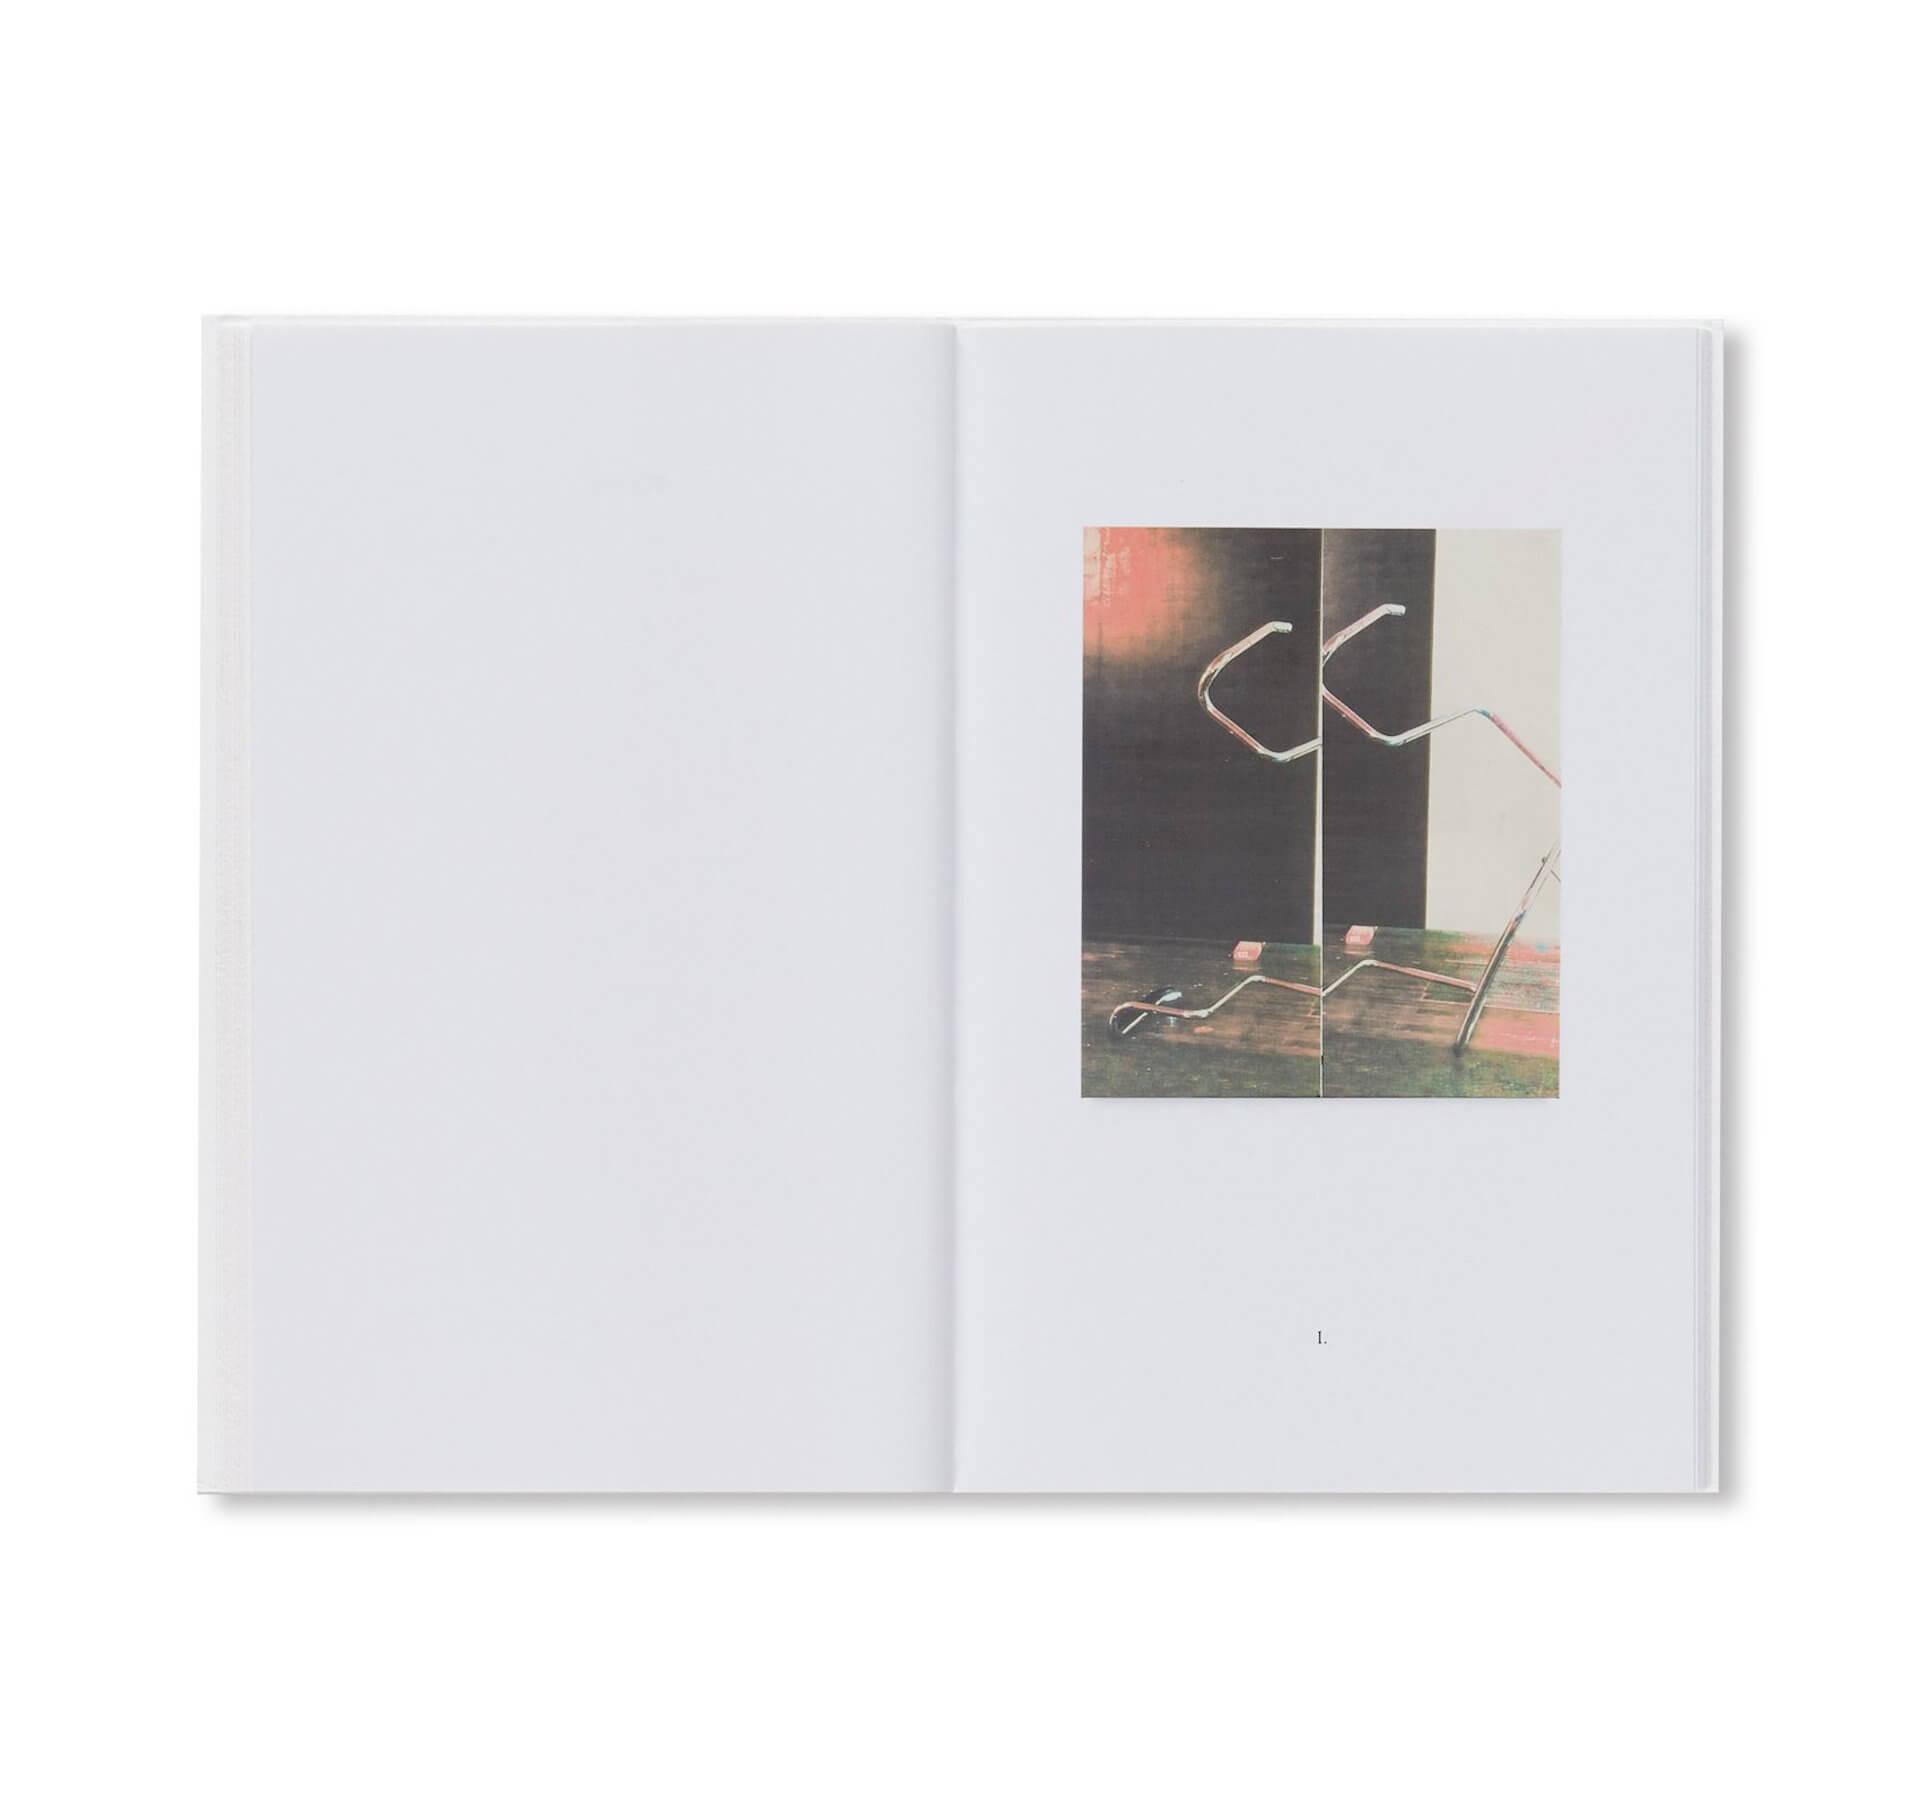 アートブックノススメ Qetic編集部が選ぶ5冊/Davide Sorrenti 他 art210322_artbook-011